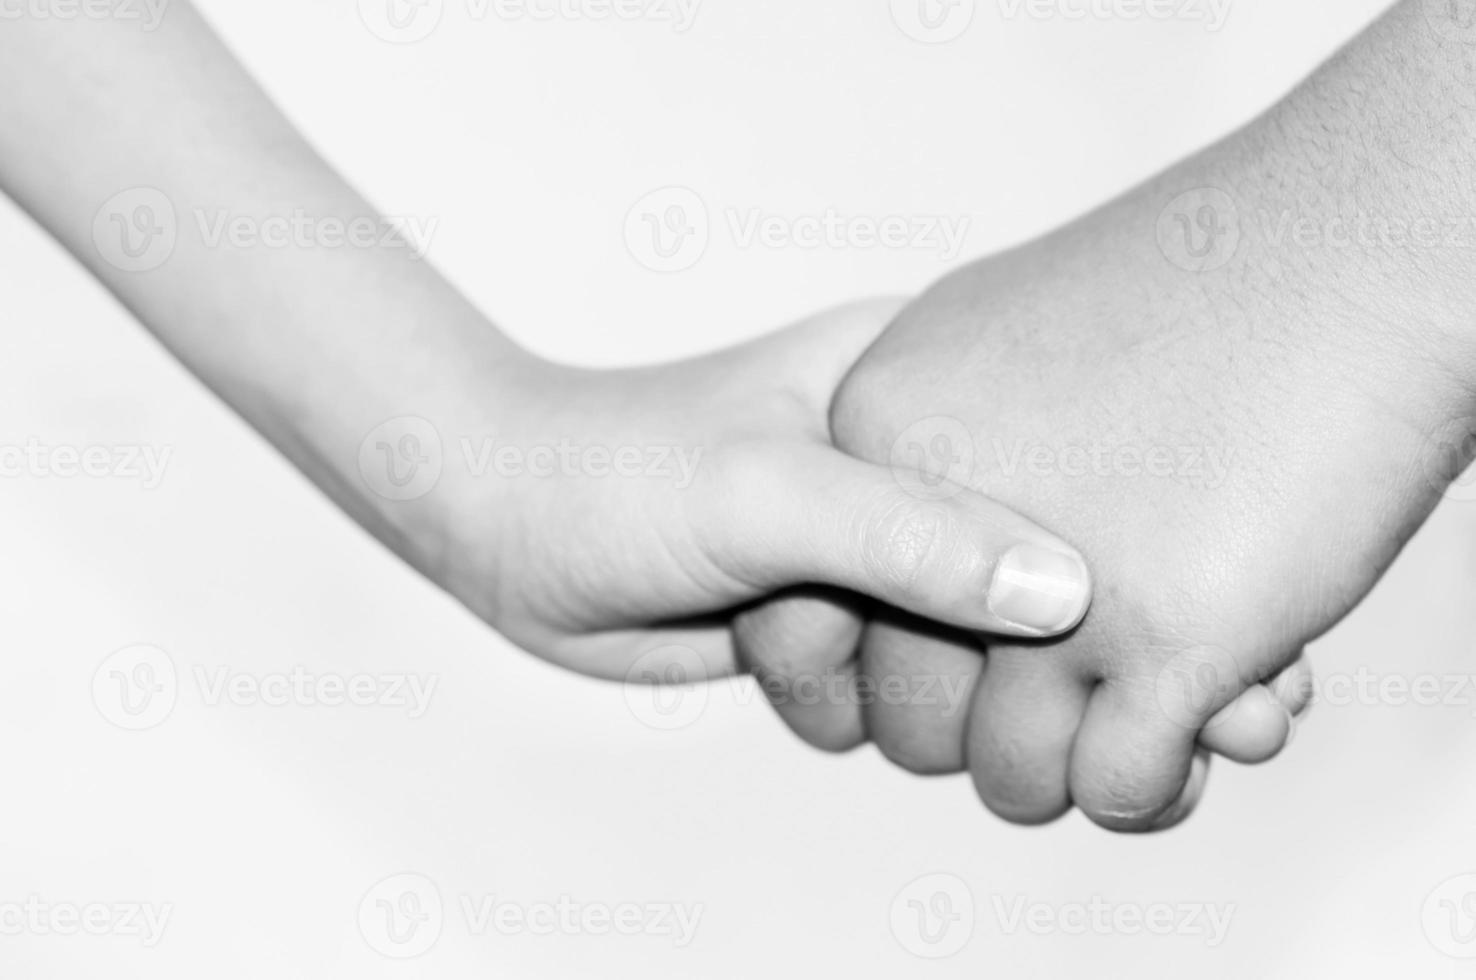 irmã mão segure seu irmão mais novo mão, preto e branco foto